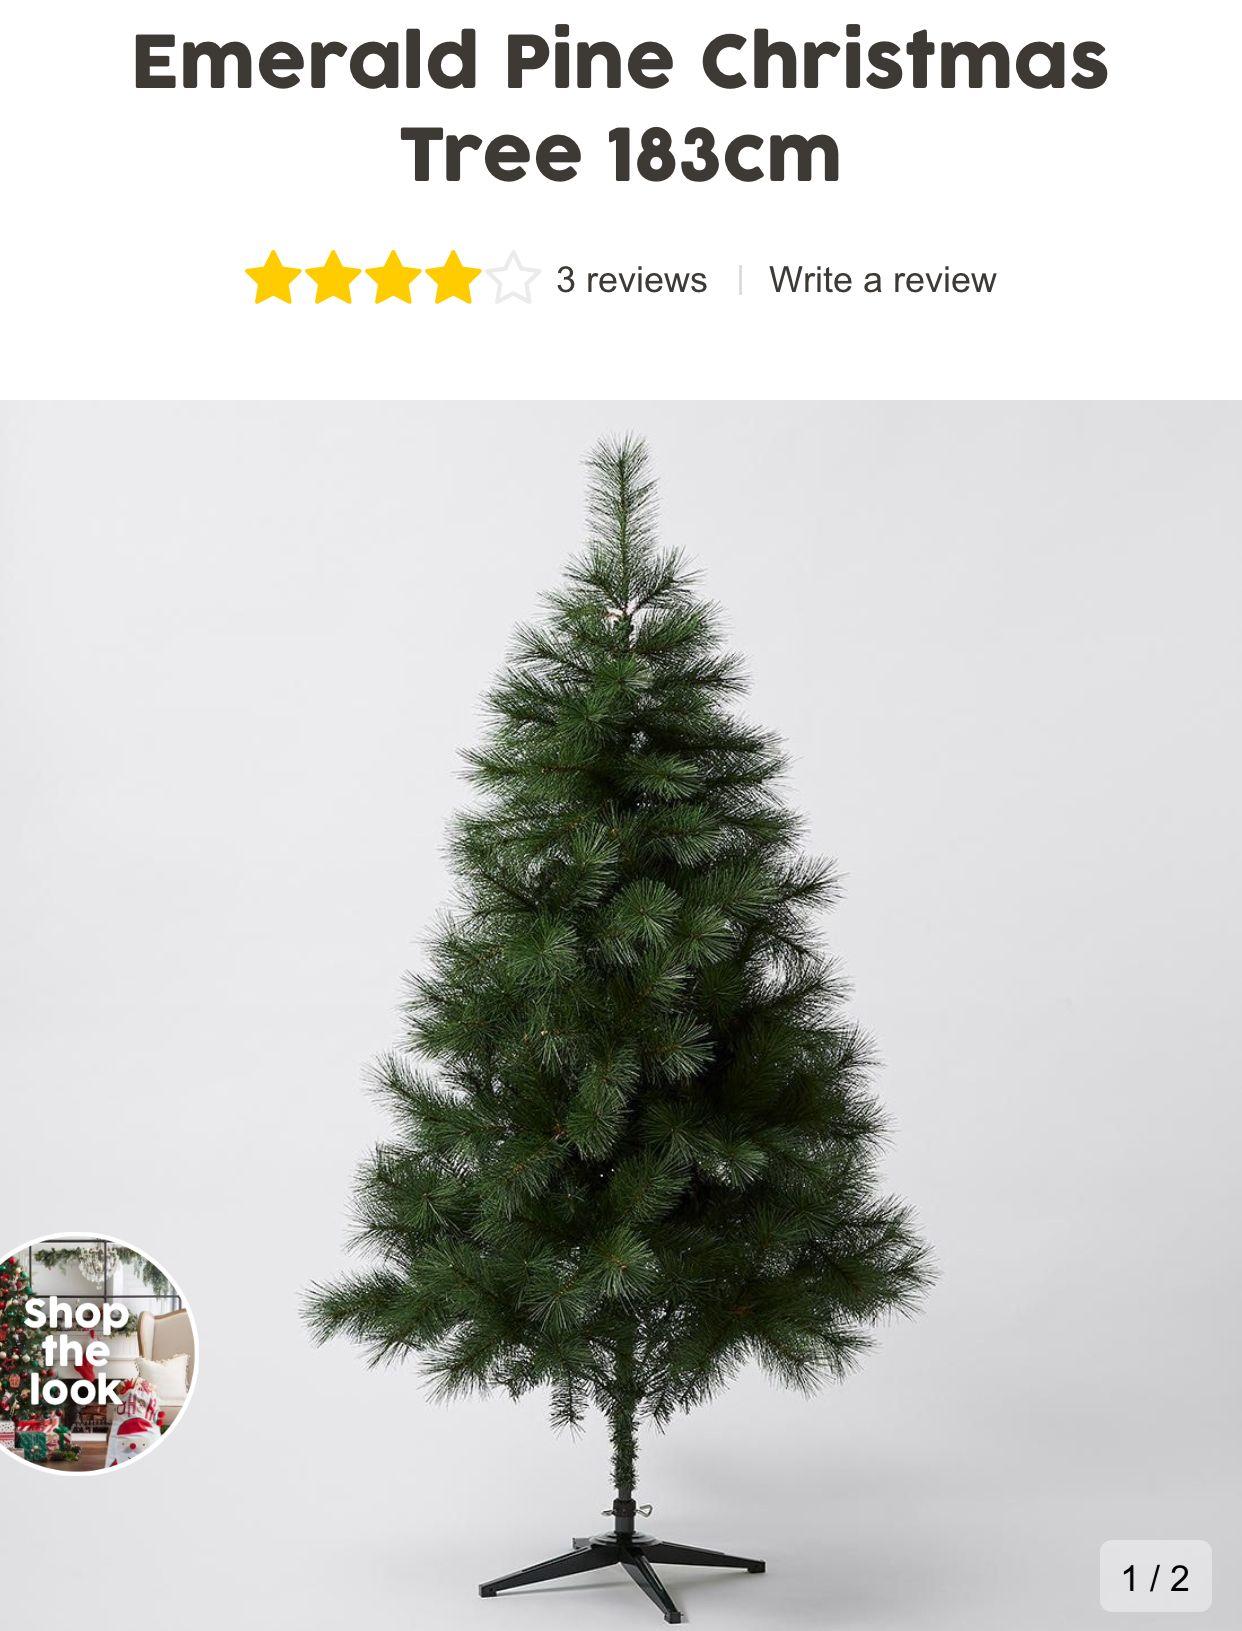 Target Emerald Pine Christmas Tree 49 Christmas Tree Pine Christmas Tree Christmas